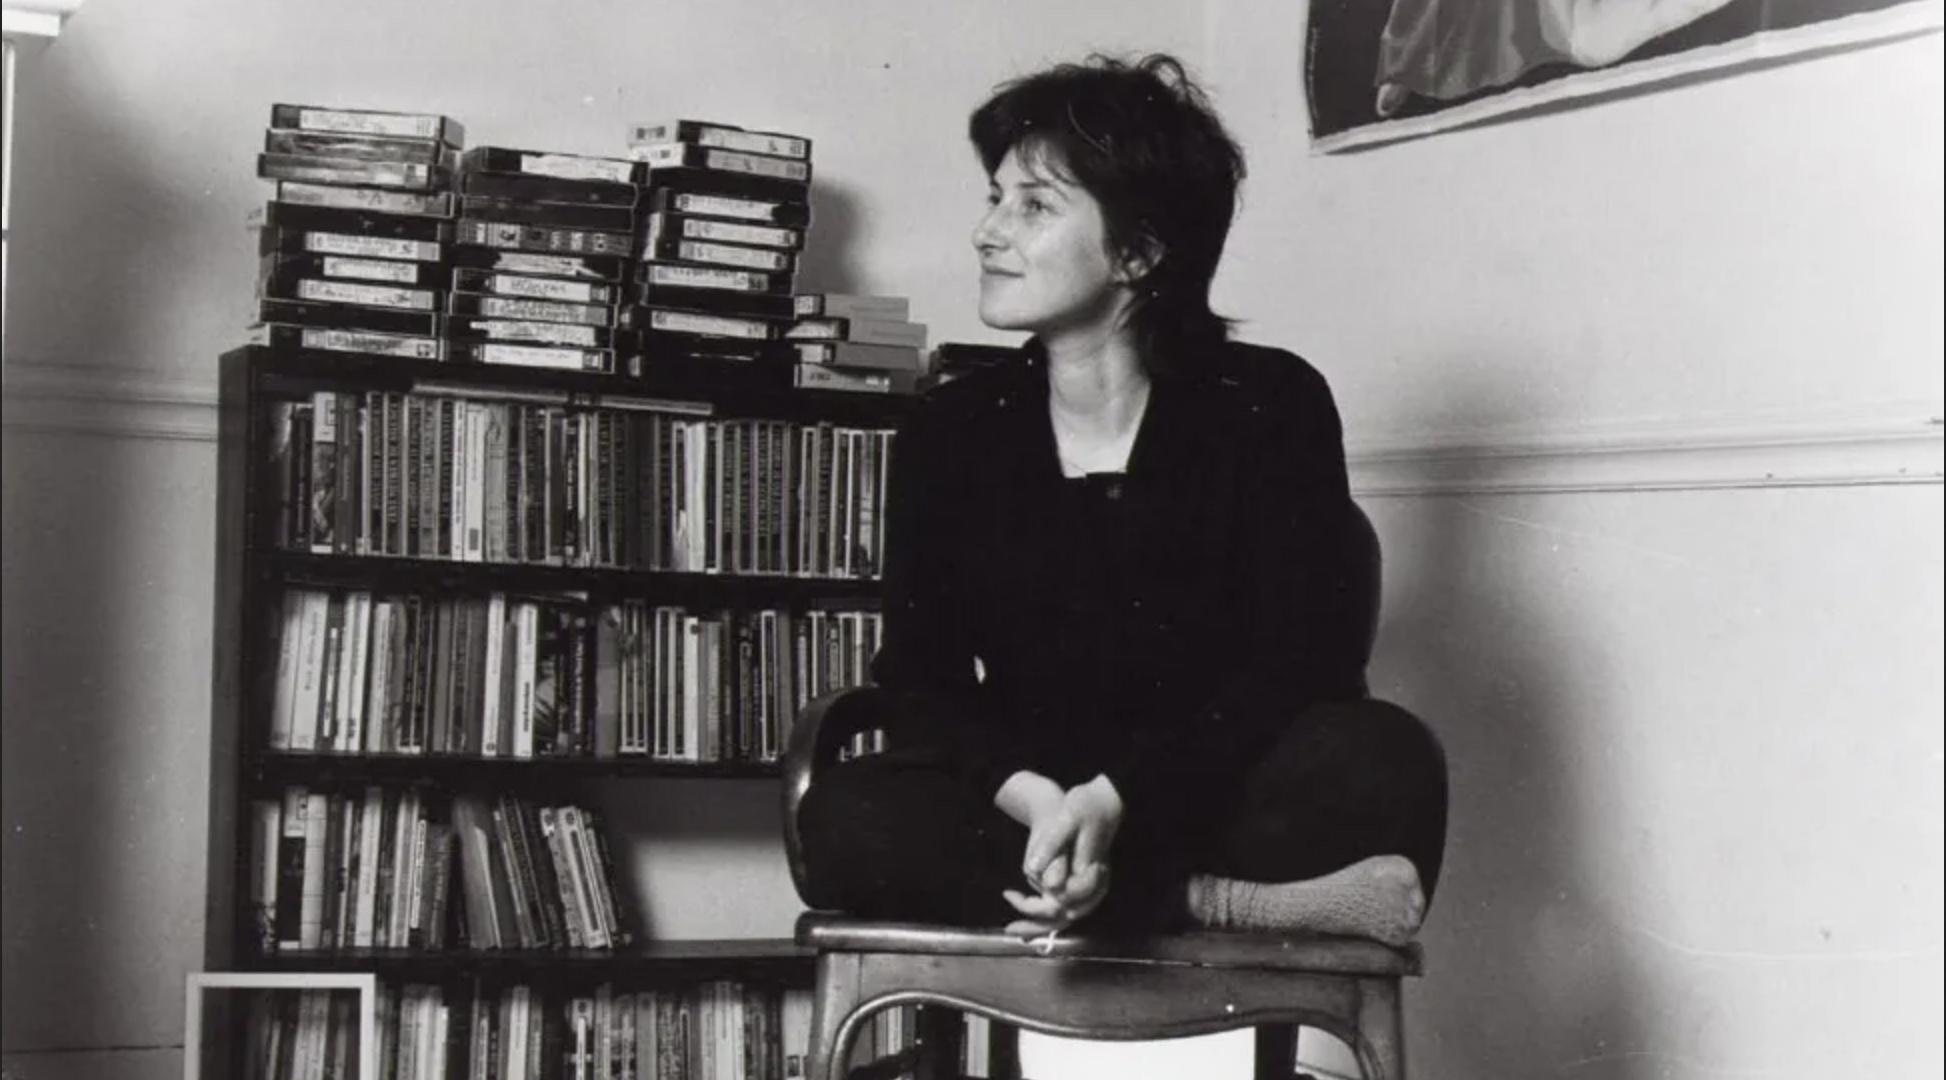 Journée d'études - Chantal Akerman, retours sur une oeuvre #14 - Discussion